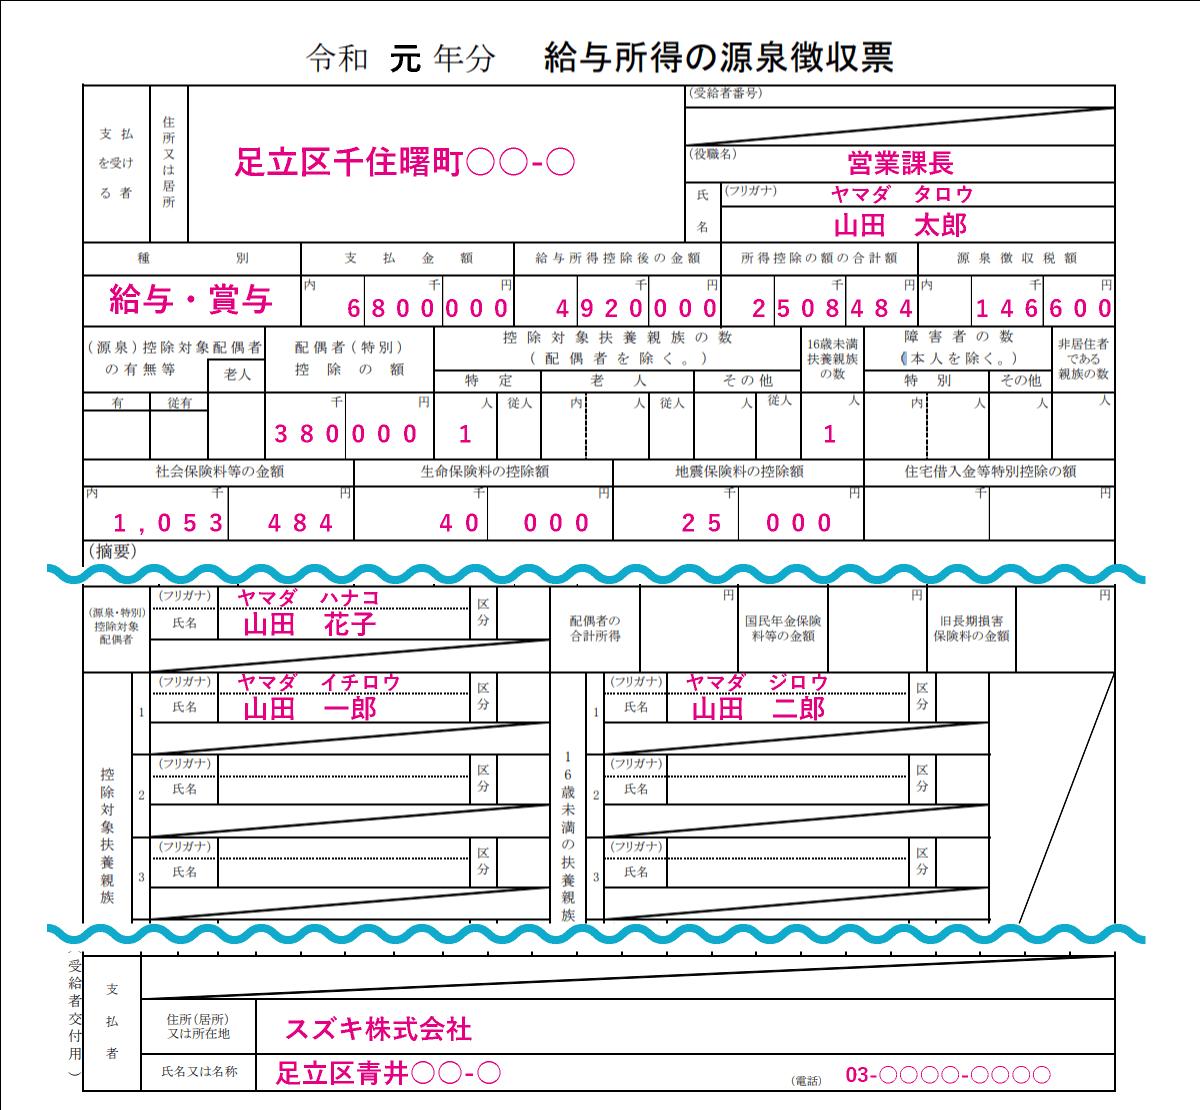 令和○年分給与所得の源泉徴収票(事例)